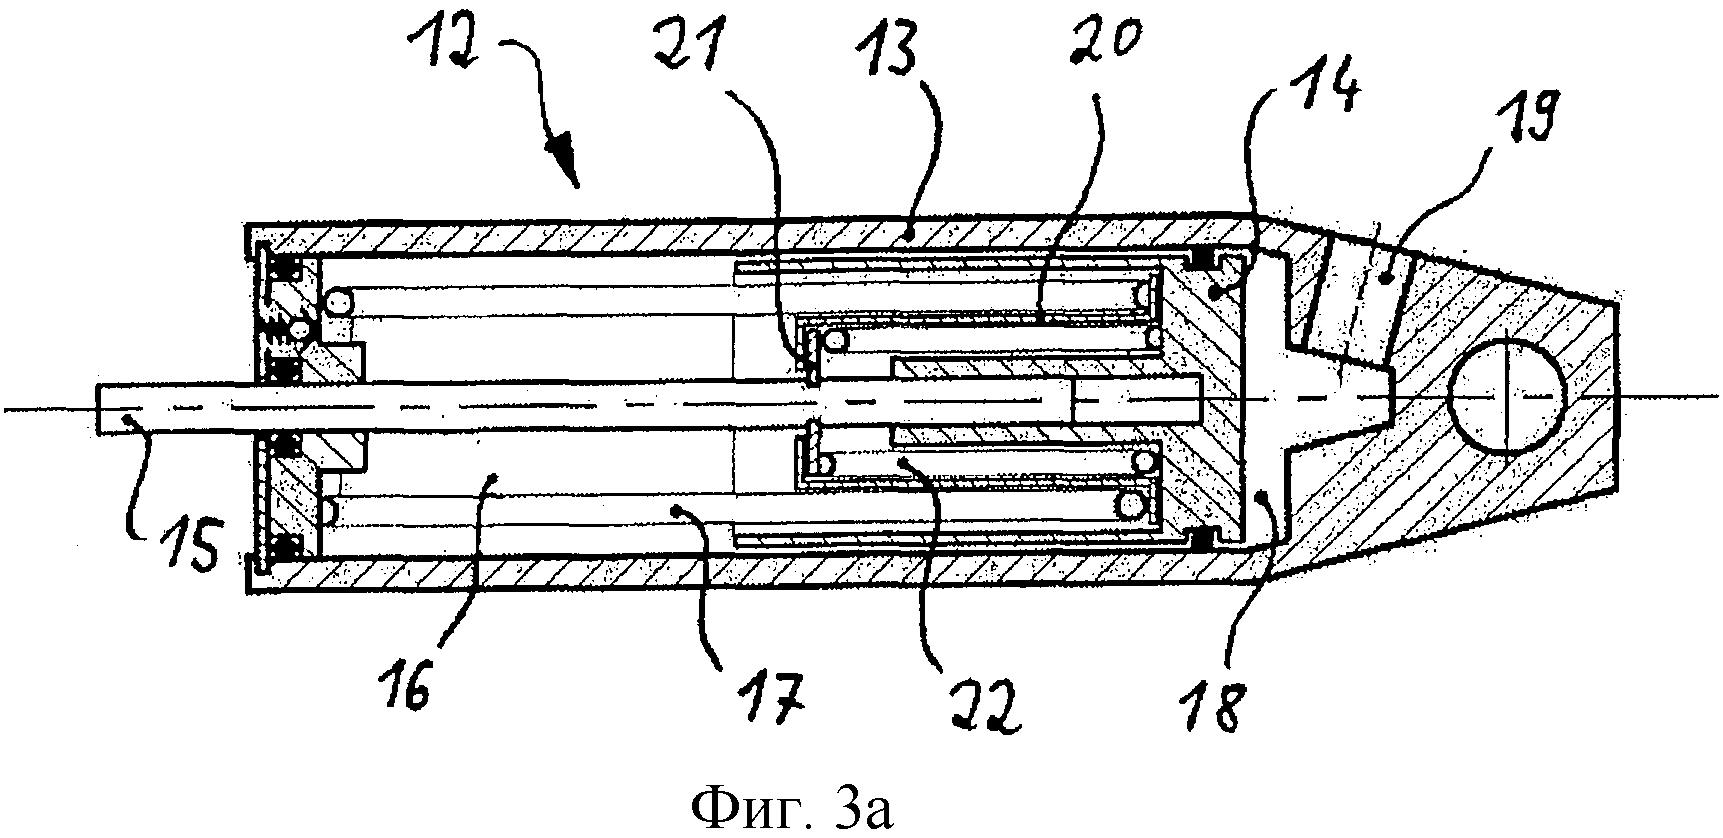 Управляющий цилиндр для моторного тормоза-замедлителя со средствами для выработки упругого восстановления